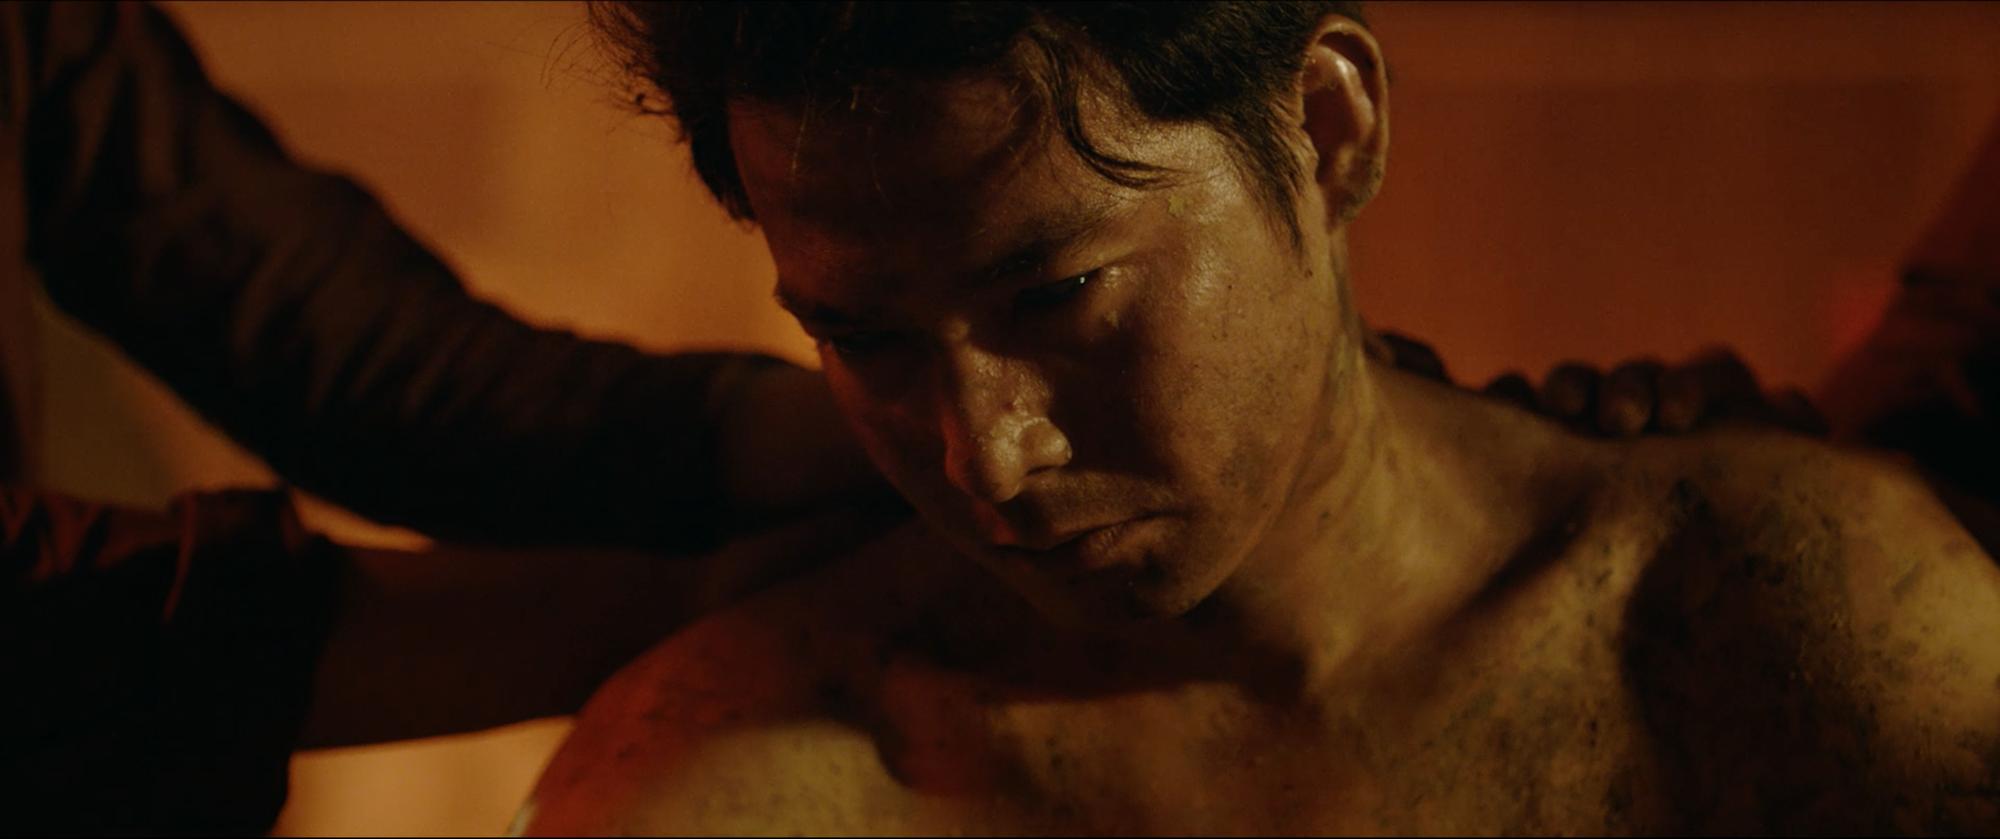 Ả đào Jun Vũ hứa hẹn lột xác bằng cảnh nóng với Quách Ngọc Ngoan trong Người Bất Tử - Ảnh 9.